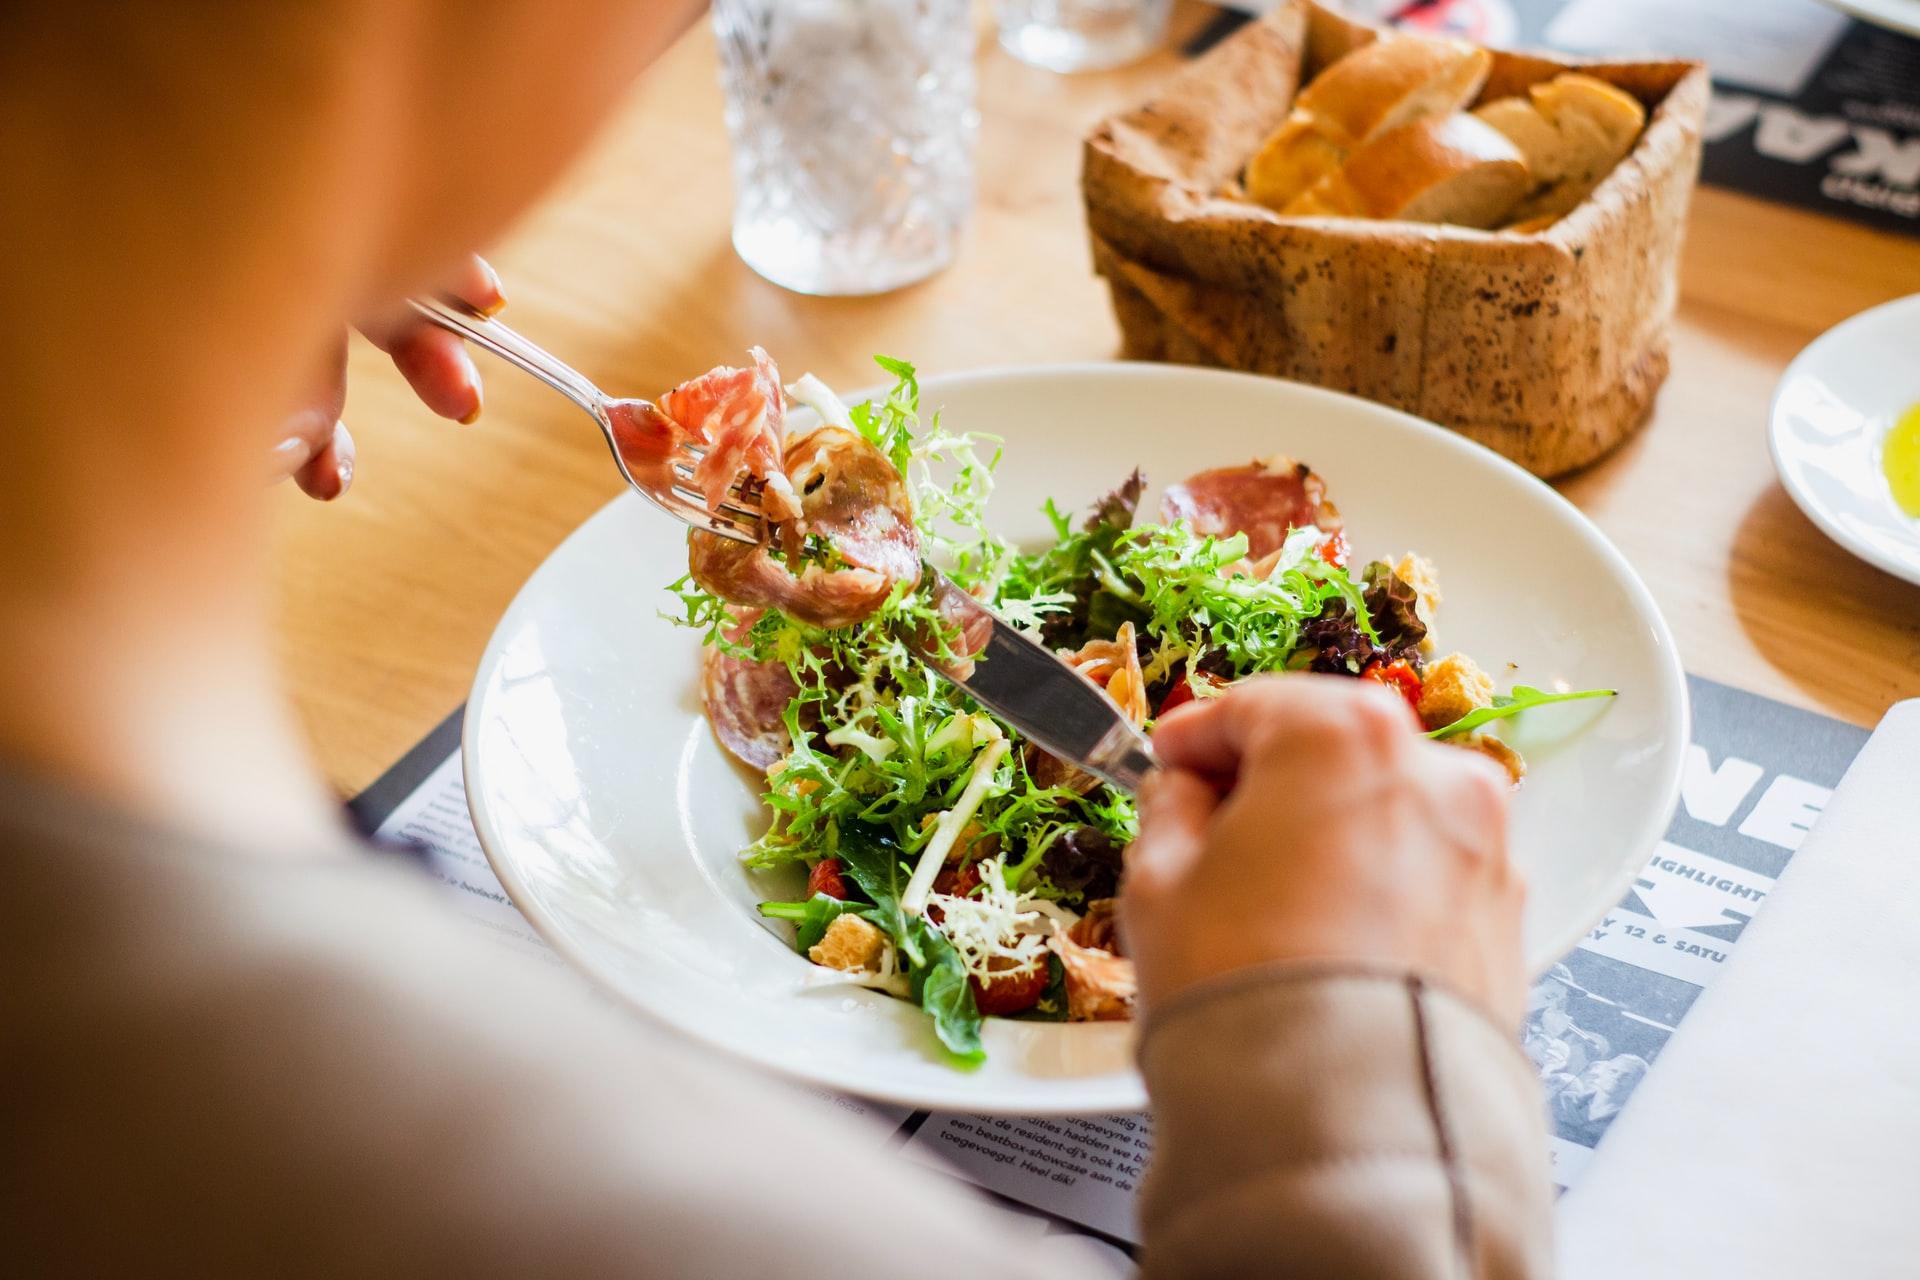 Здорове харчування: нові тренди, на які варто звернути увагу